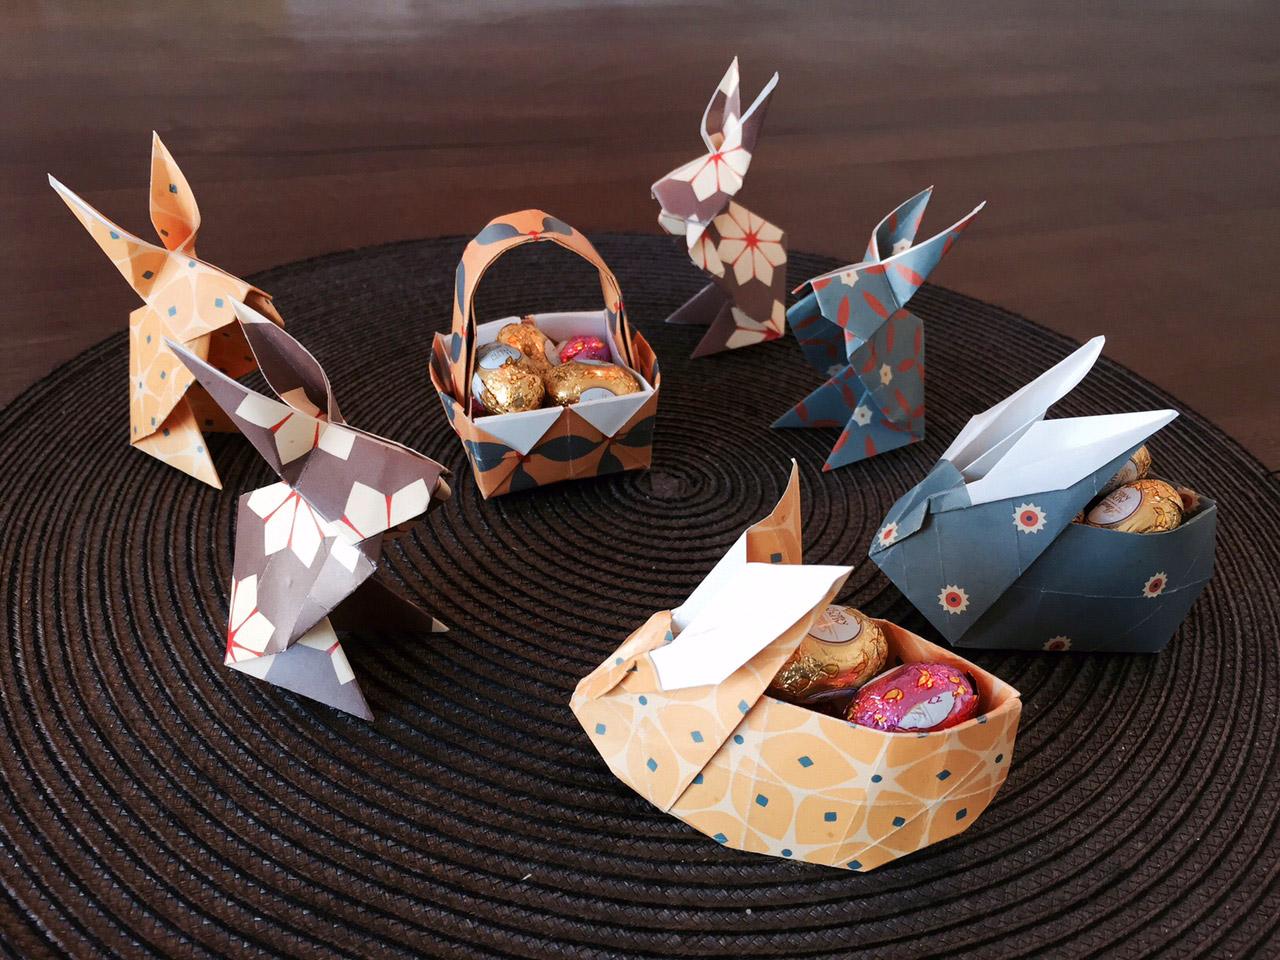 osterkorb hschen einfache bastelvorlage fr kinder origami. Black Bedroom Furniture Sets. Home Design Ideas